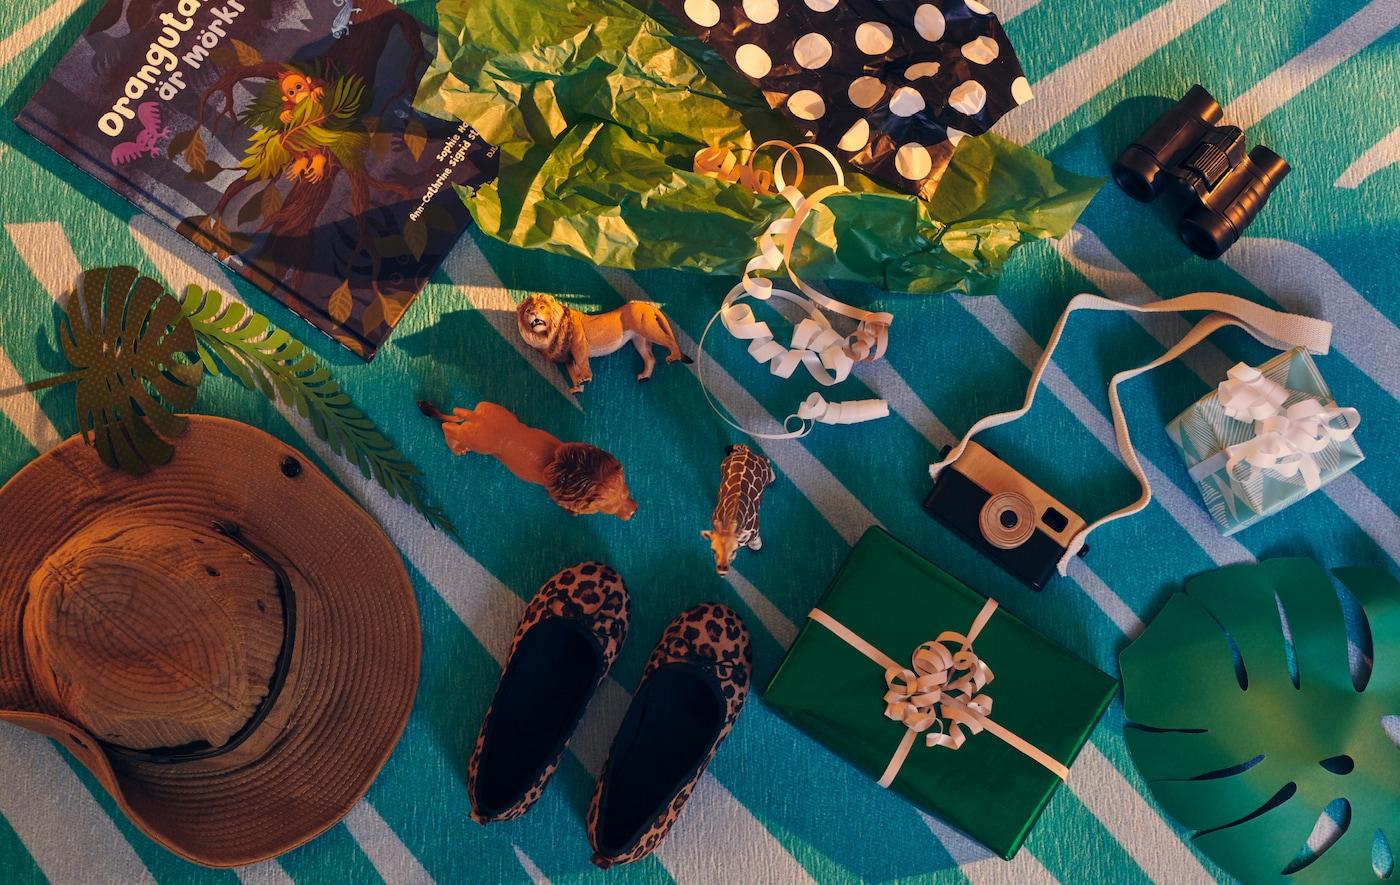 Diferite cadouri împachetate și deschise și jucării alături de obiecte tematice pentru explorare și aventură așezate pe un covor GRACIÖS.